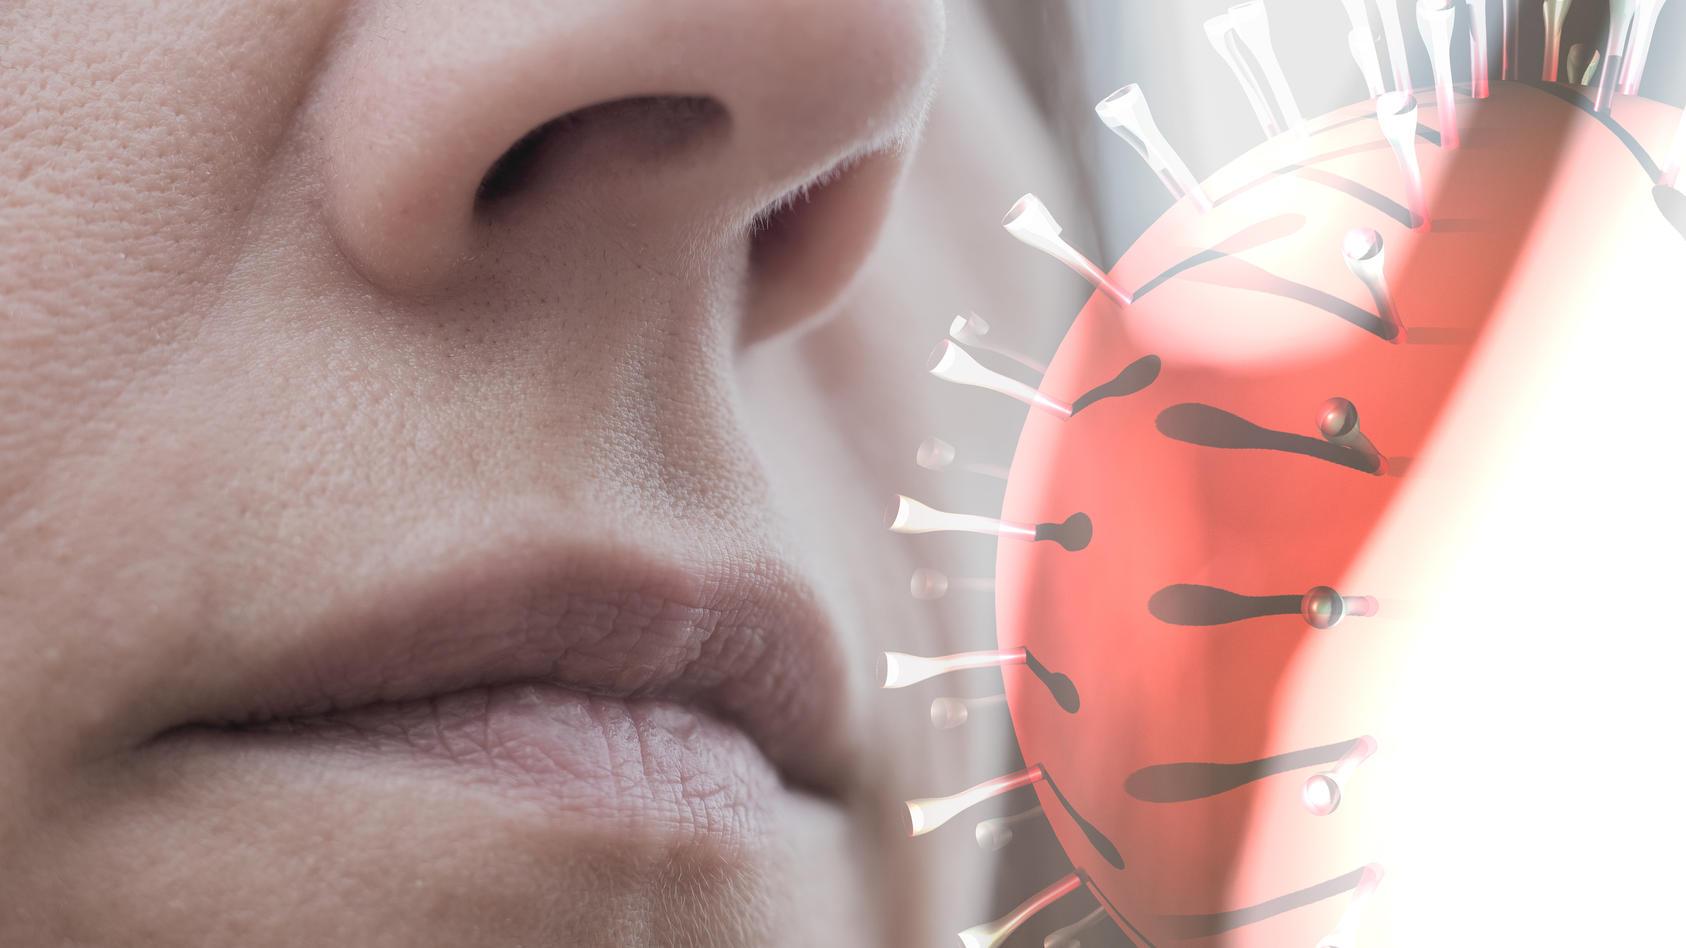 Schützen uns frühere Erkältungen vor dem Coronavirus?